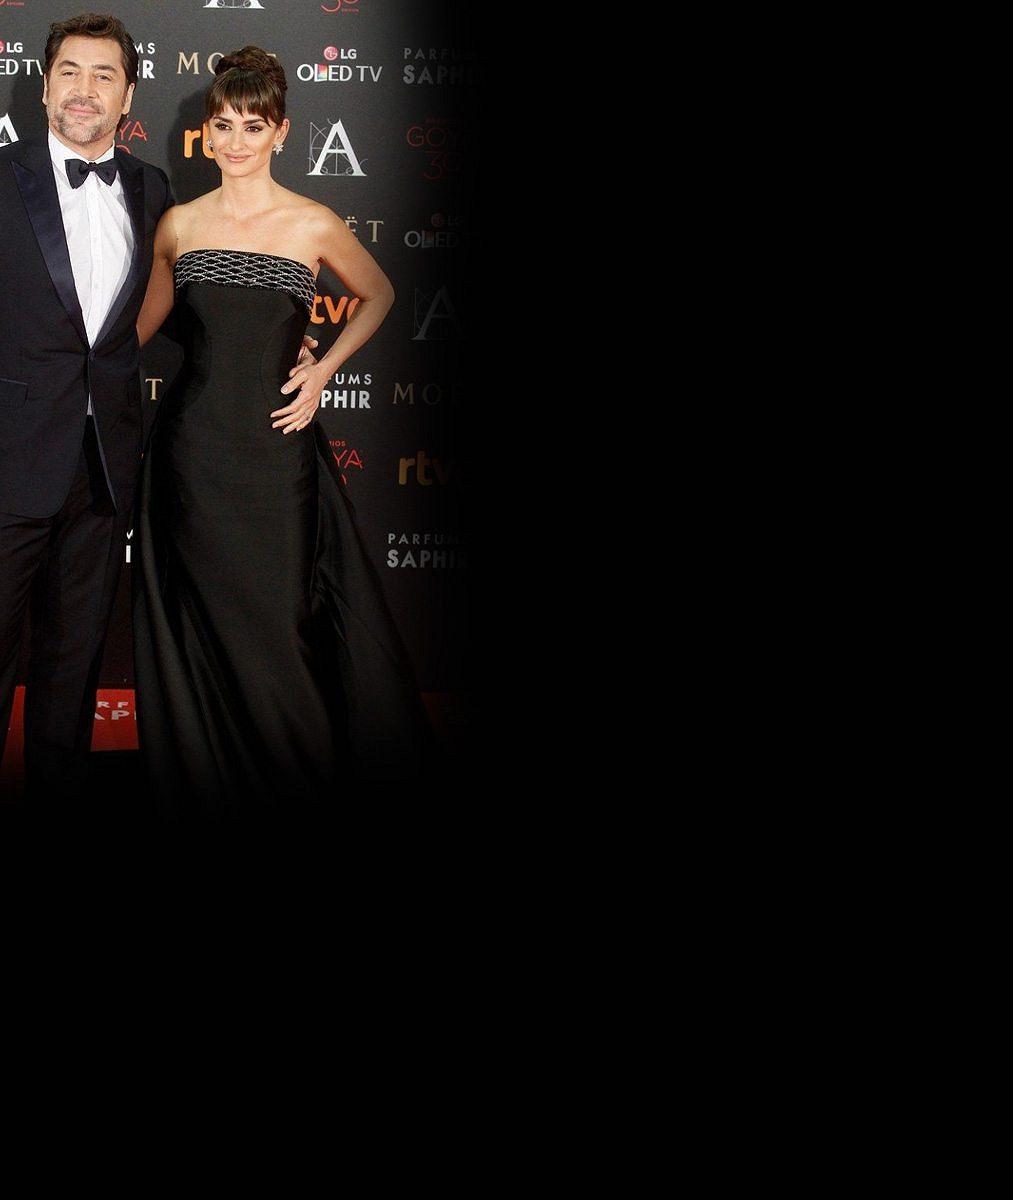 Angelině s Bradem už odzvonilo: Těchto 12 hereckých manželských párů září na červeném koberci místo nich